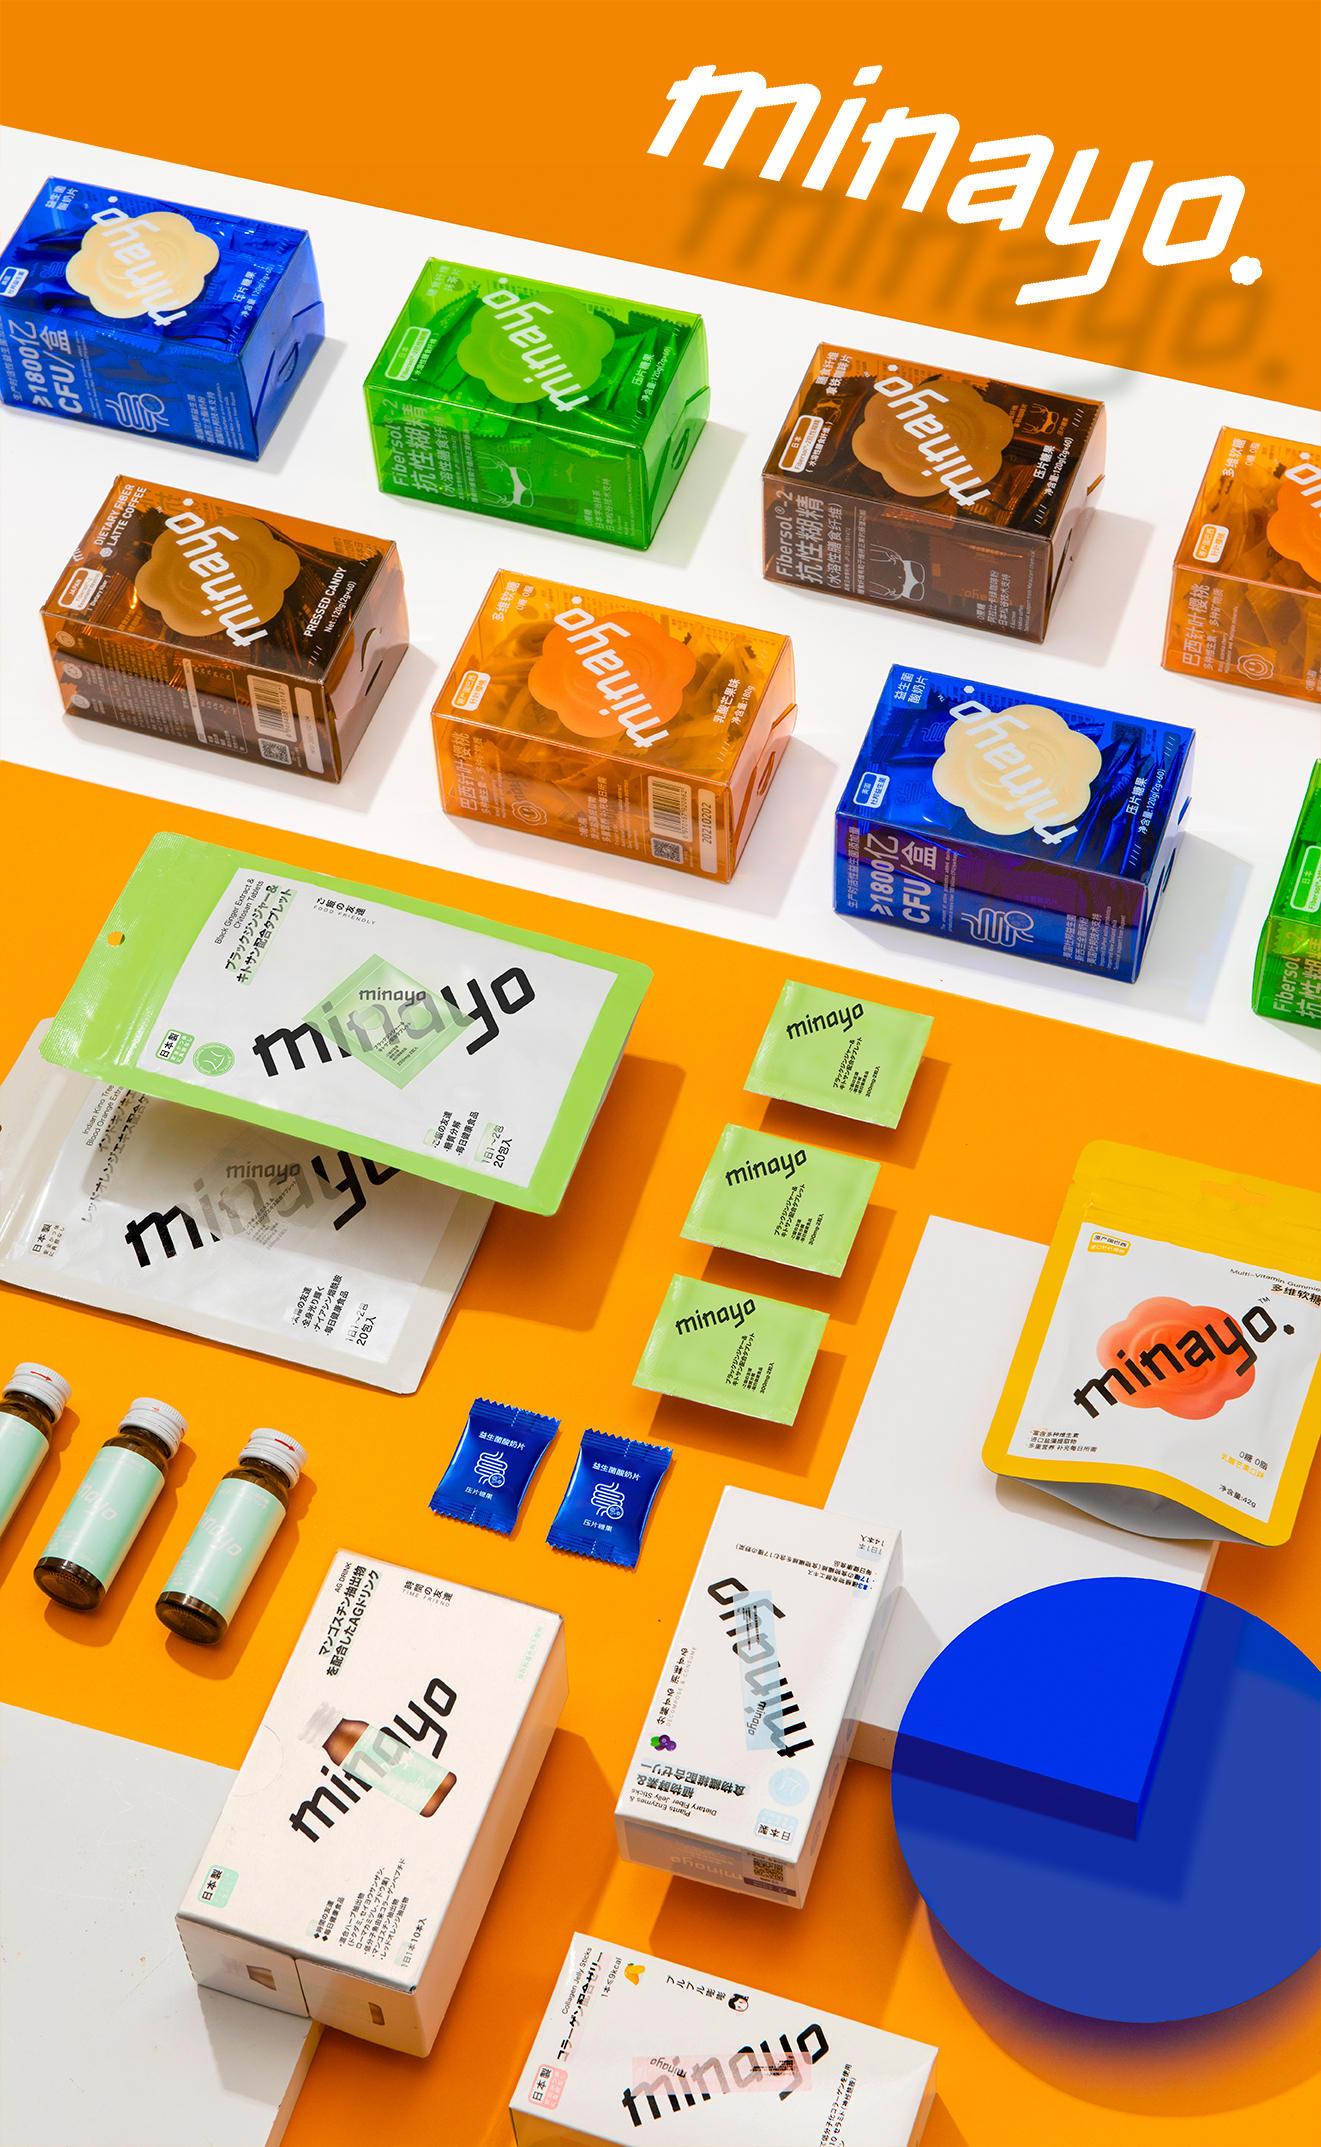 36氪首发 | 功能性食品「minayo」完成数千万元Pre-A轮融资,创始人来自<em>网易考拉</em>…